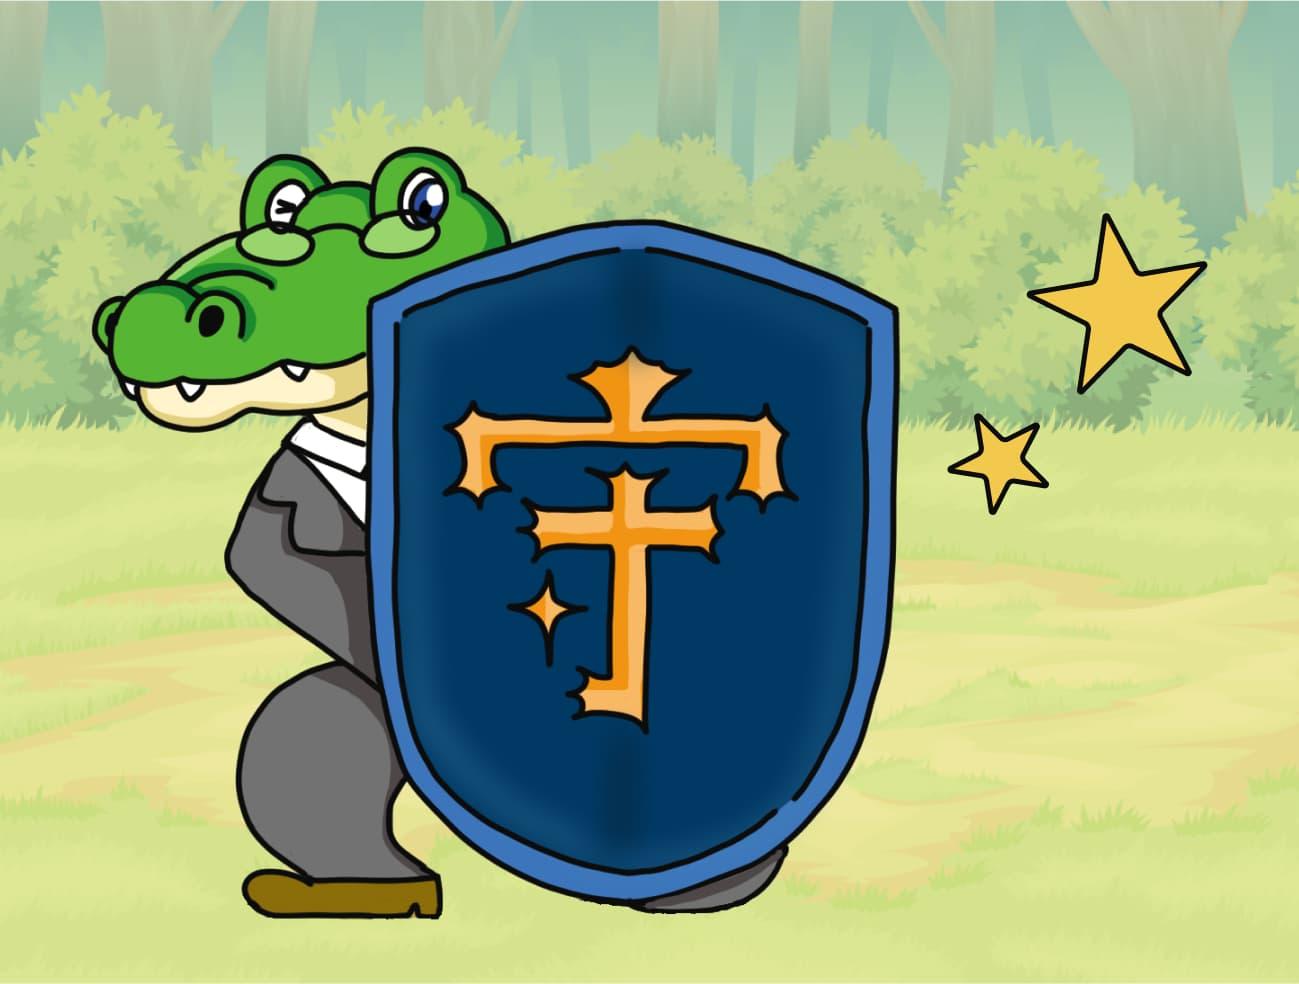 『守』の盾を持つワニ